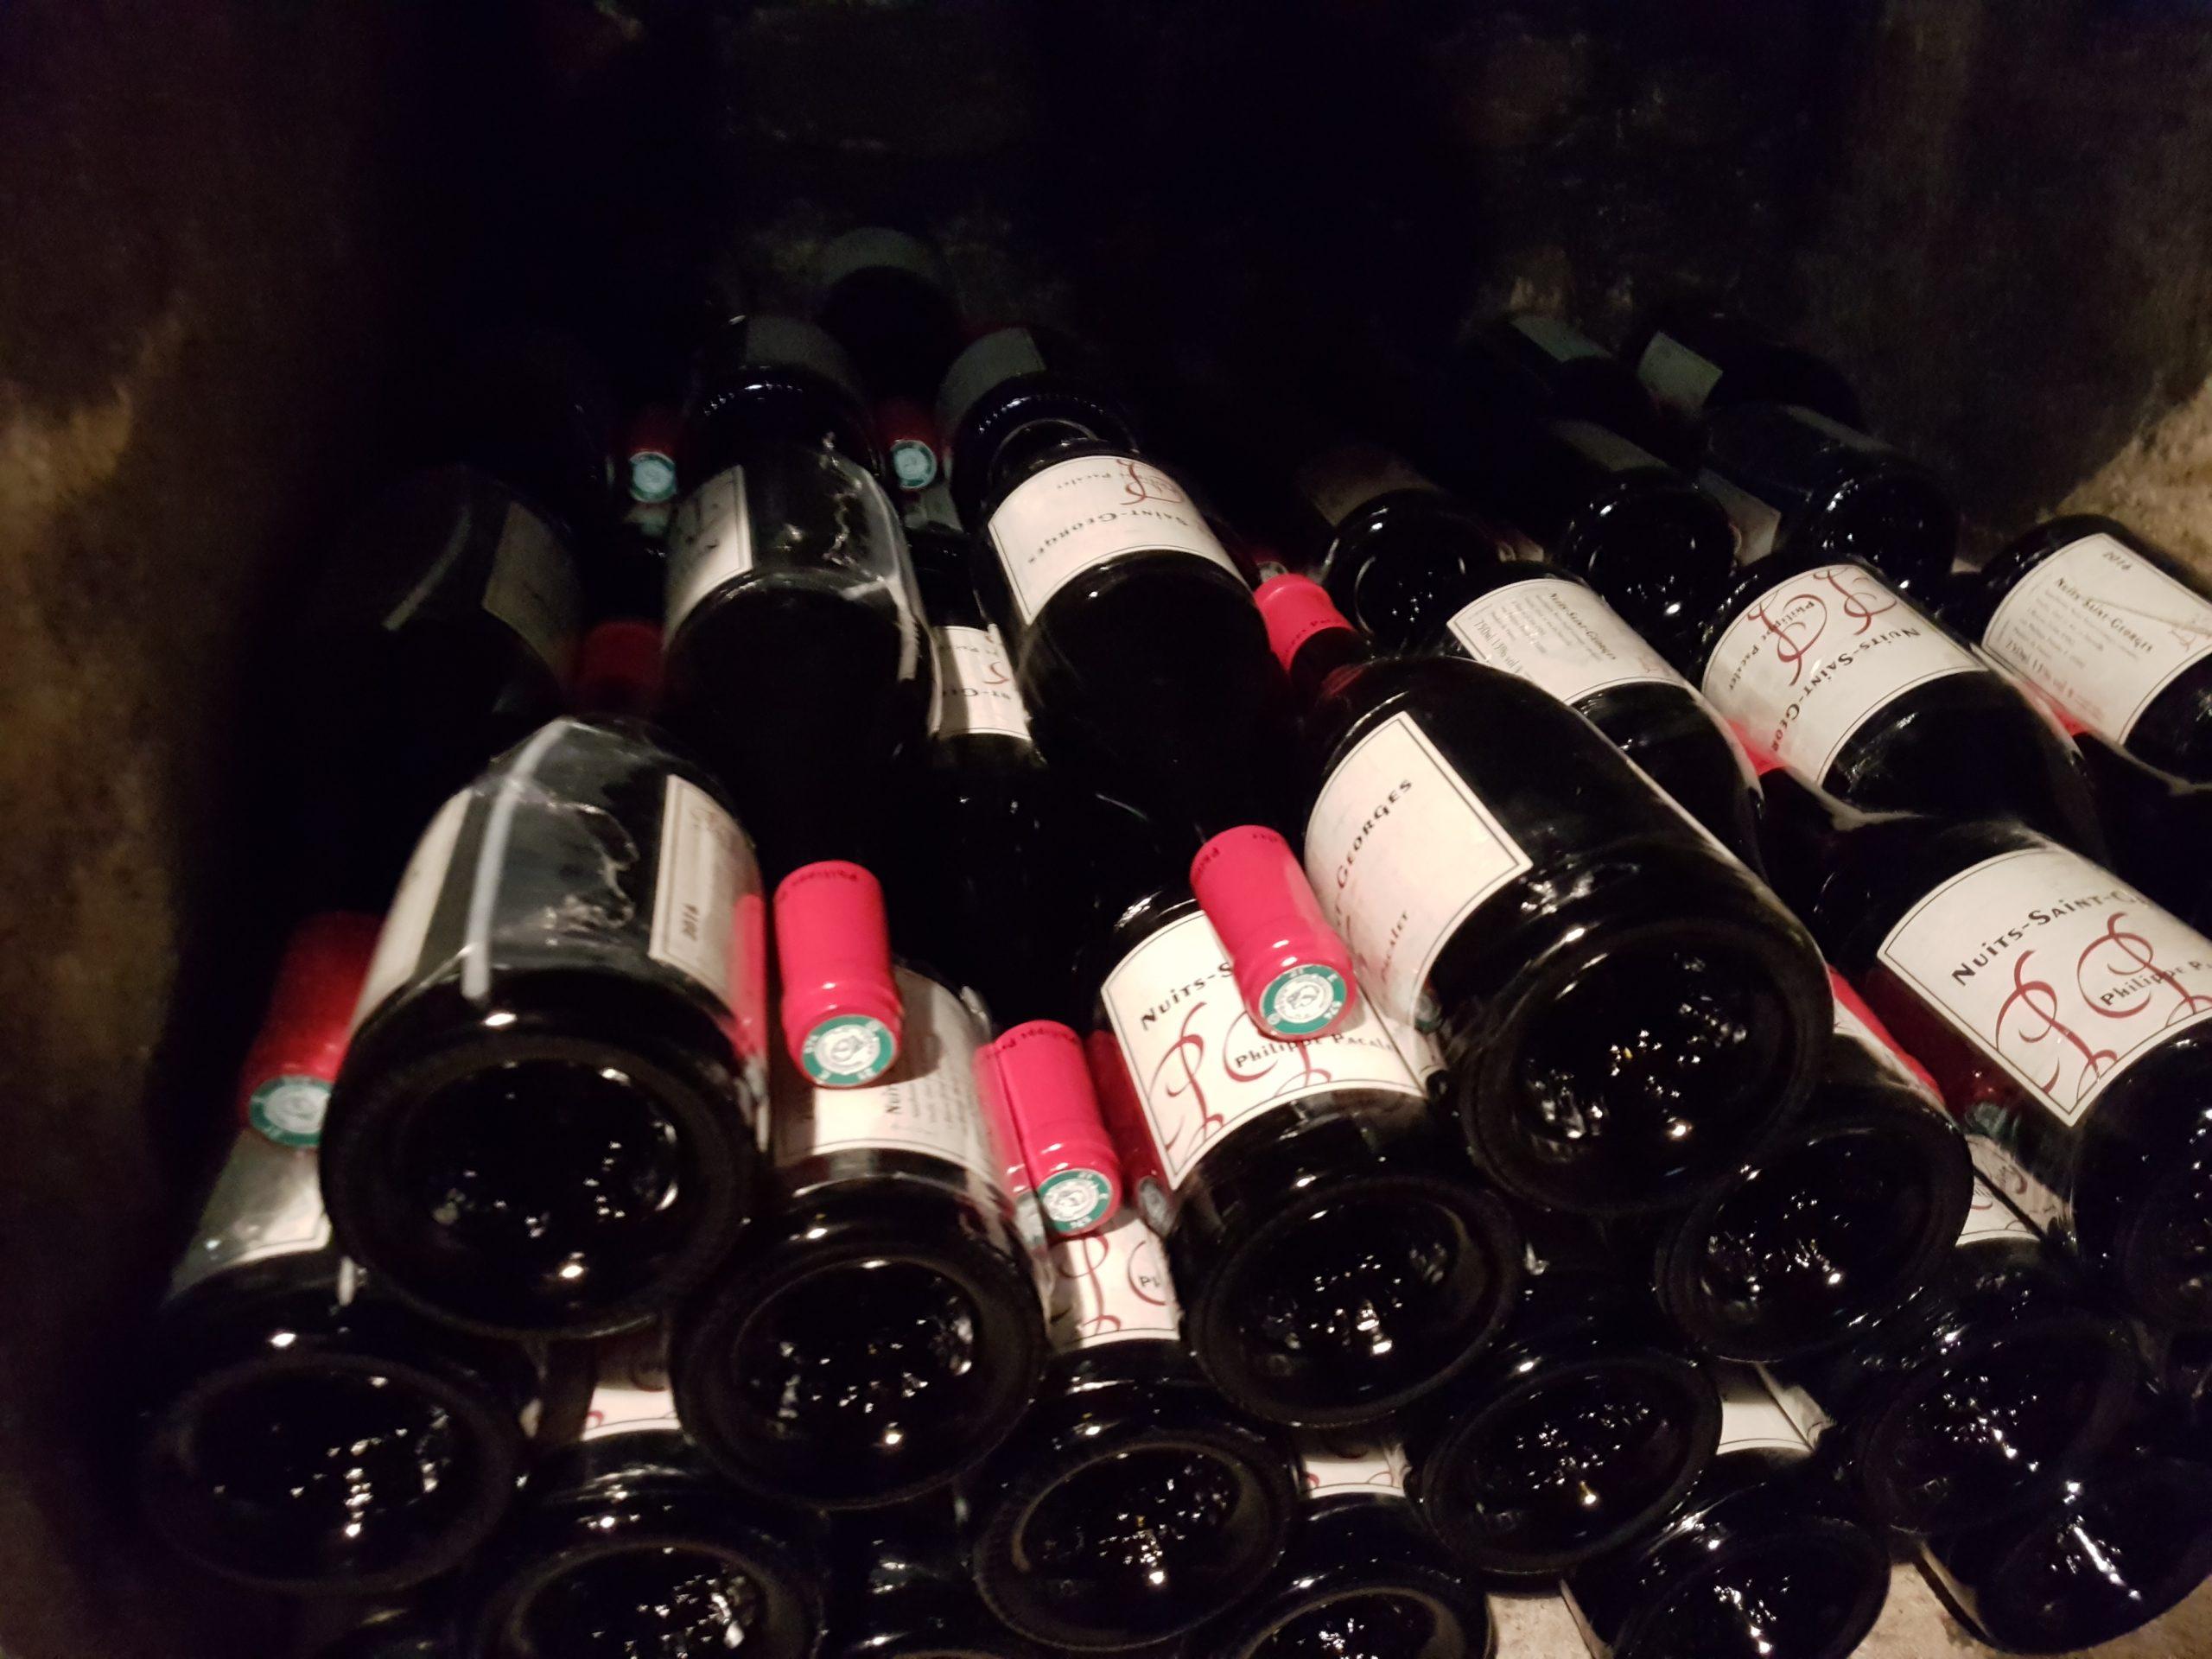 Vins du Domaine Philippe Pacalet, Bourgogne. Photo © Pierre d'Ornano